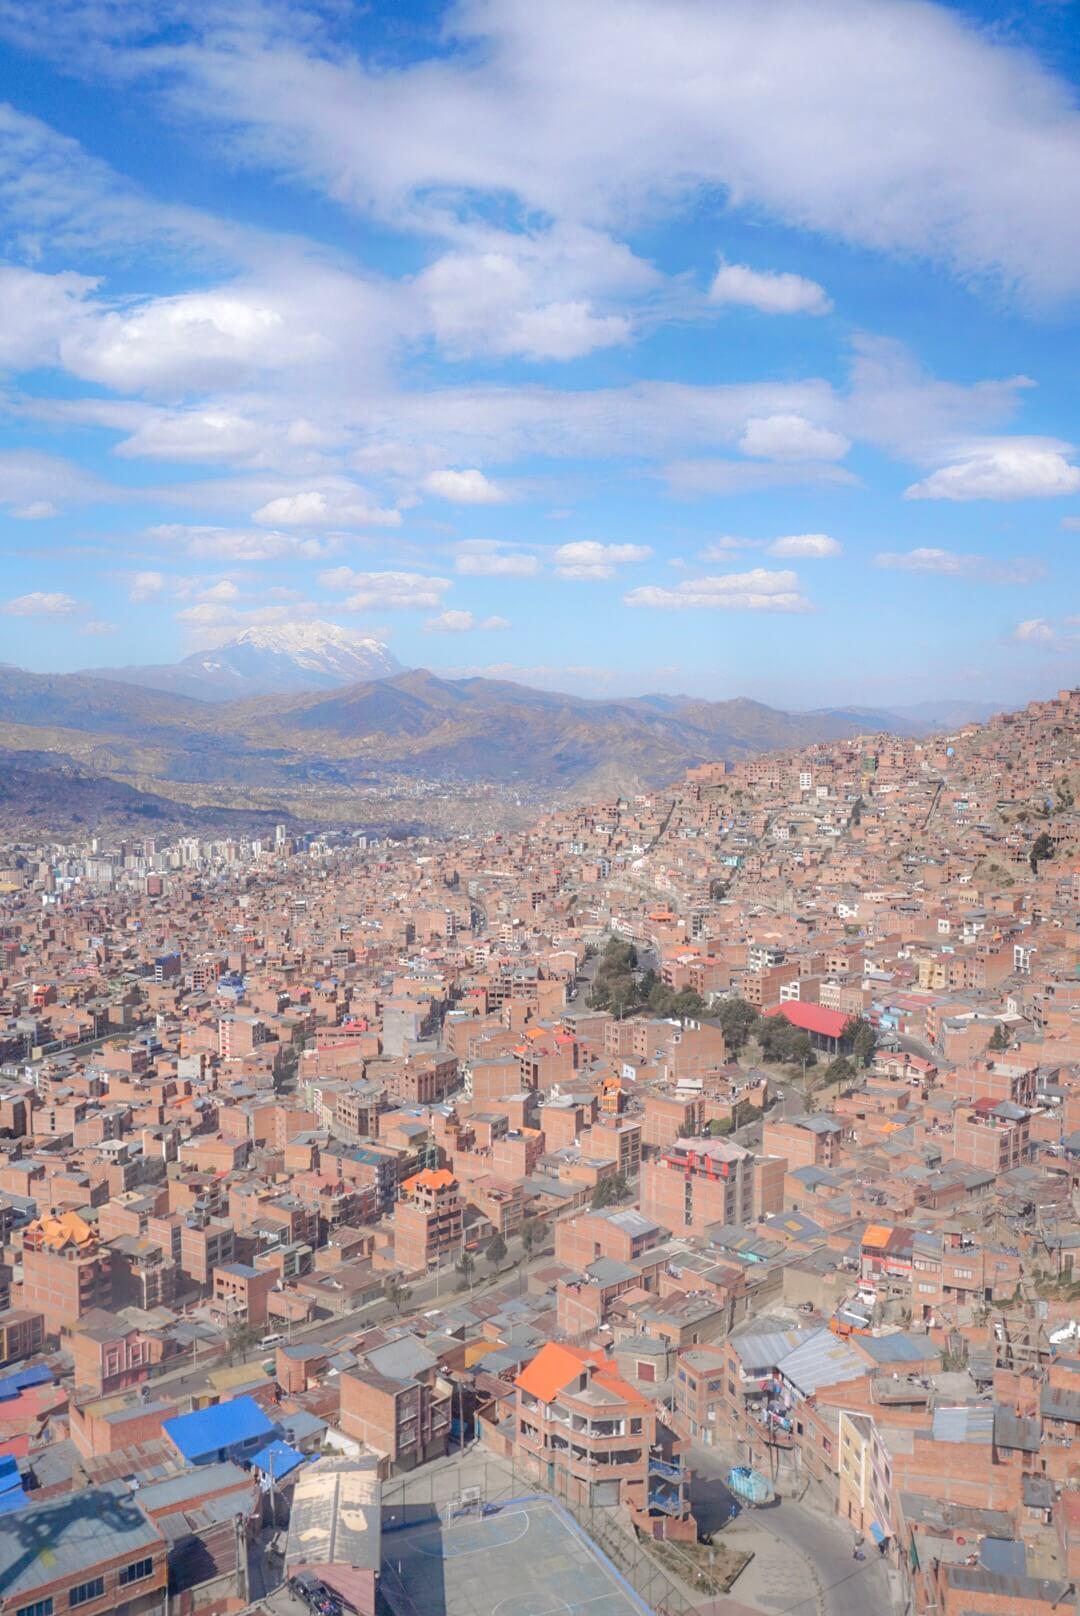 téléphérique la paz bolivie el alto